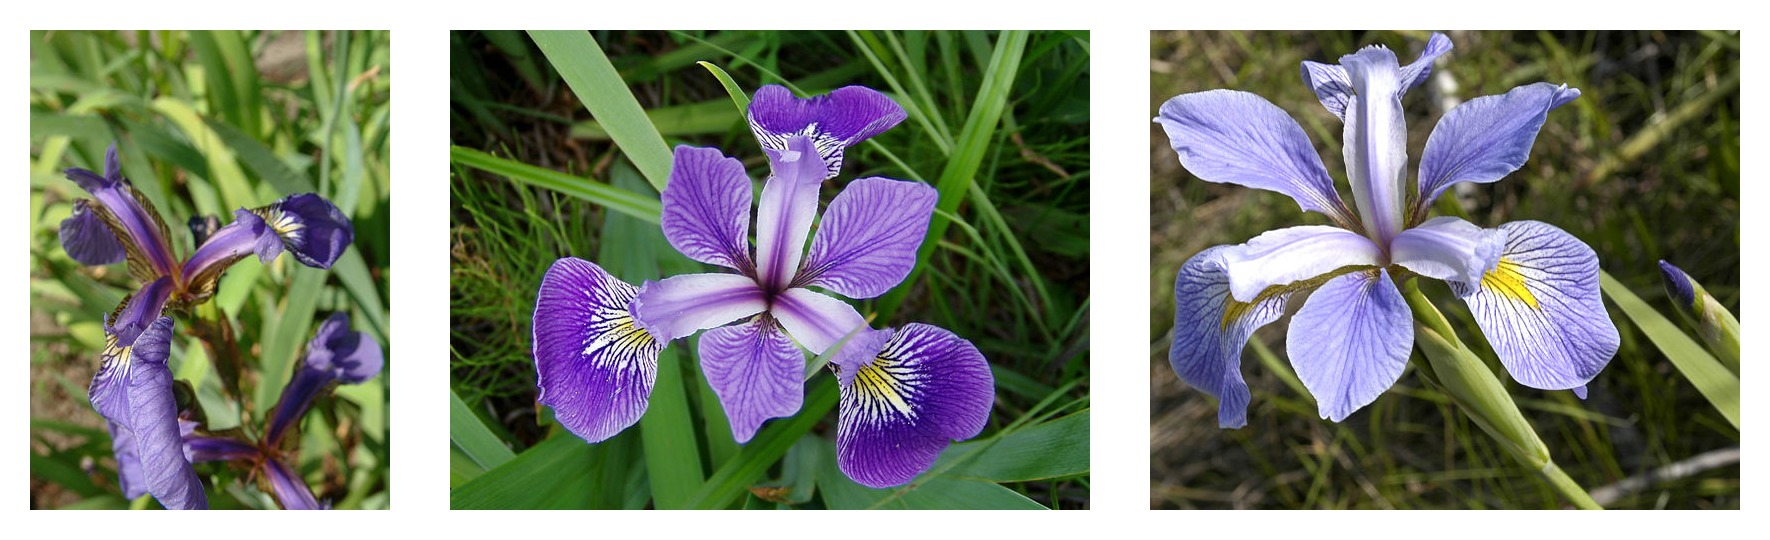 3つのアイリス種(Iris setosa、Iris virginica、およびIris versicolor)について比較された花びらの形状